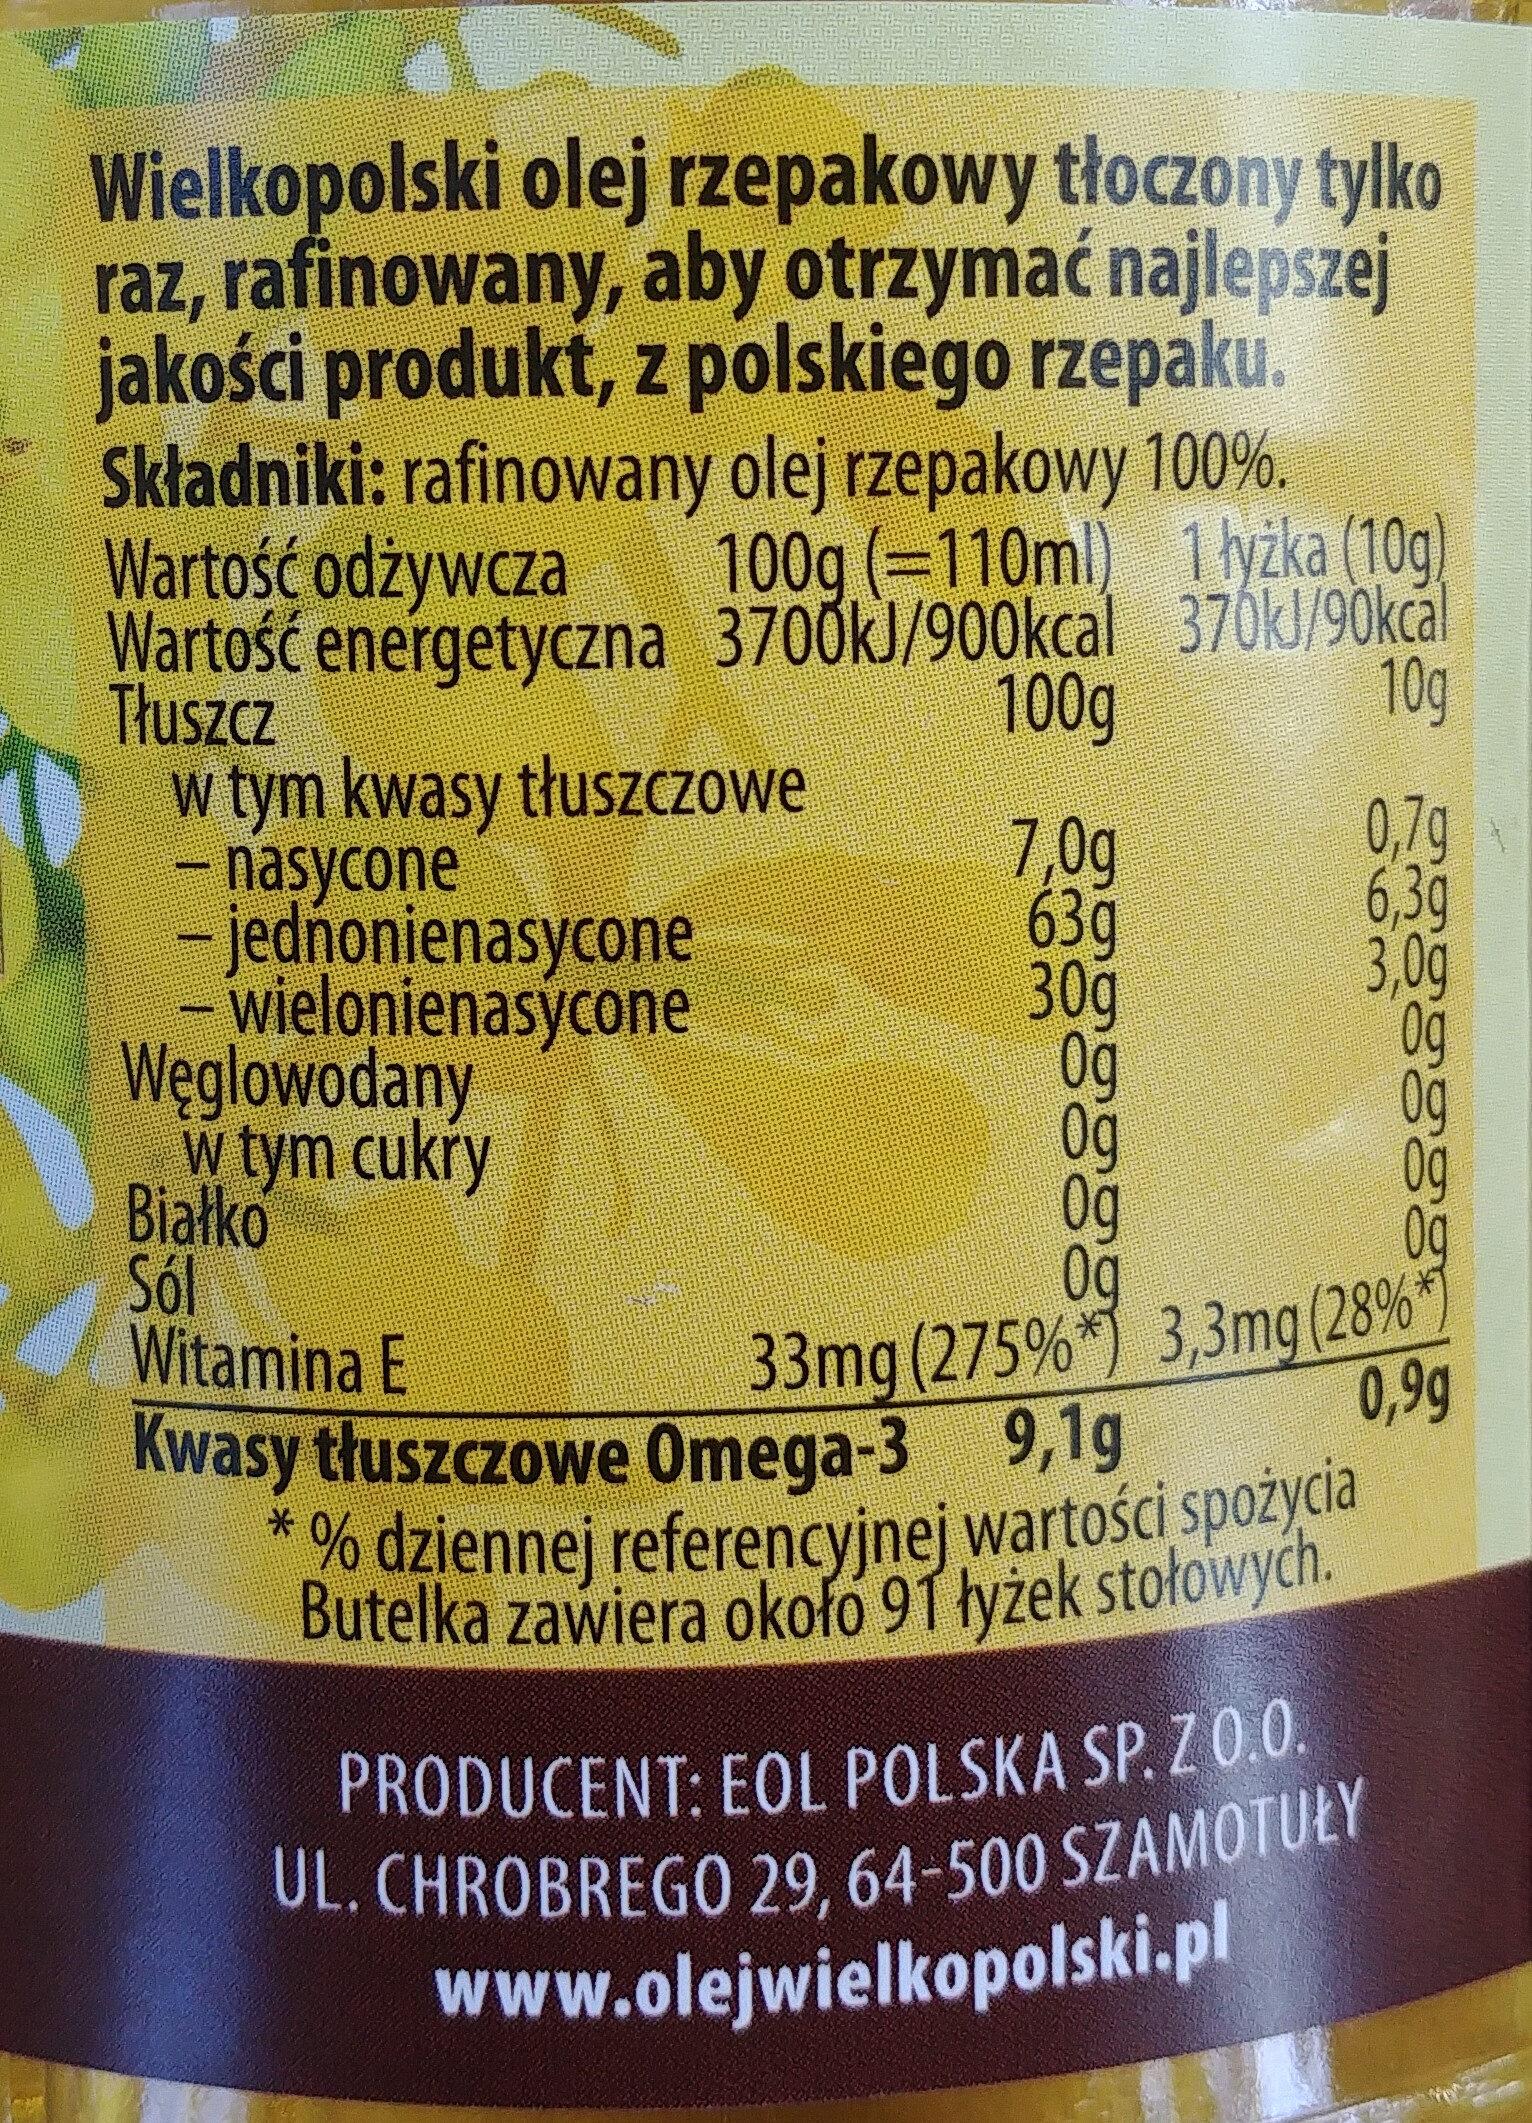 Wielkopolski olej rzepakowy tłoczony tylko raz, rafinowany. - Wartości odżywcze - pl